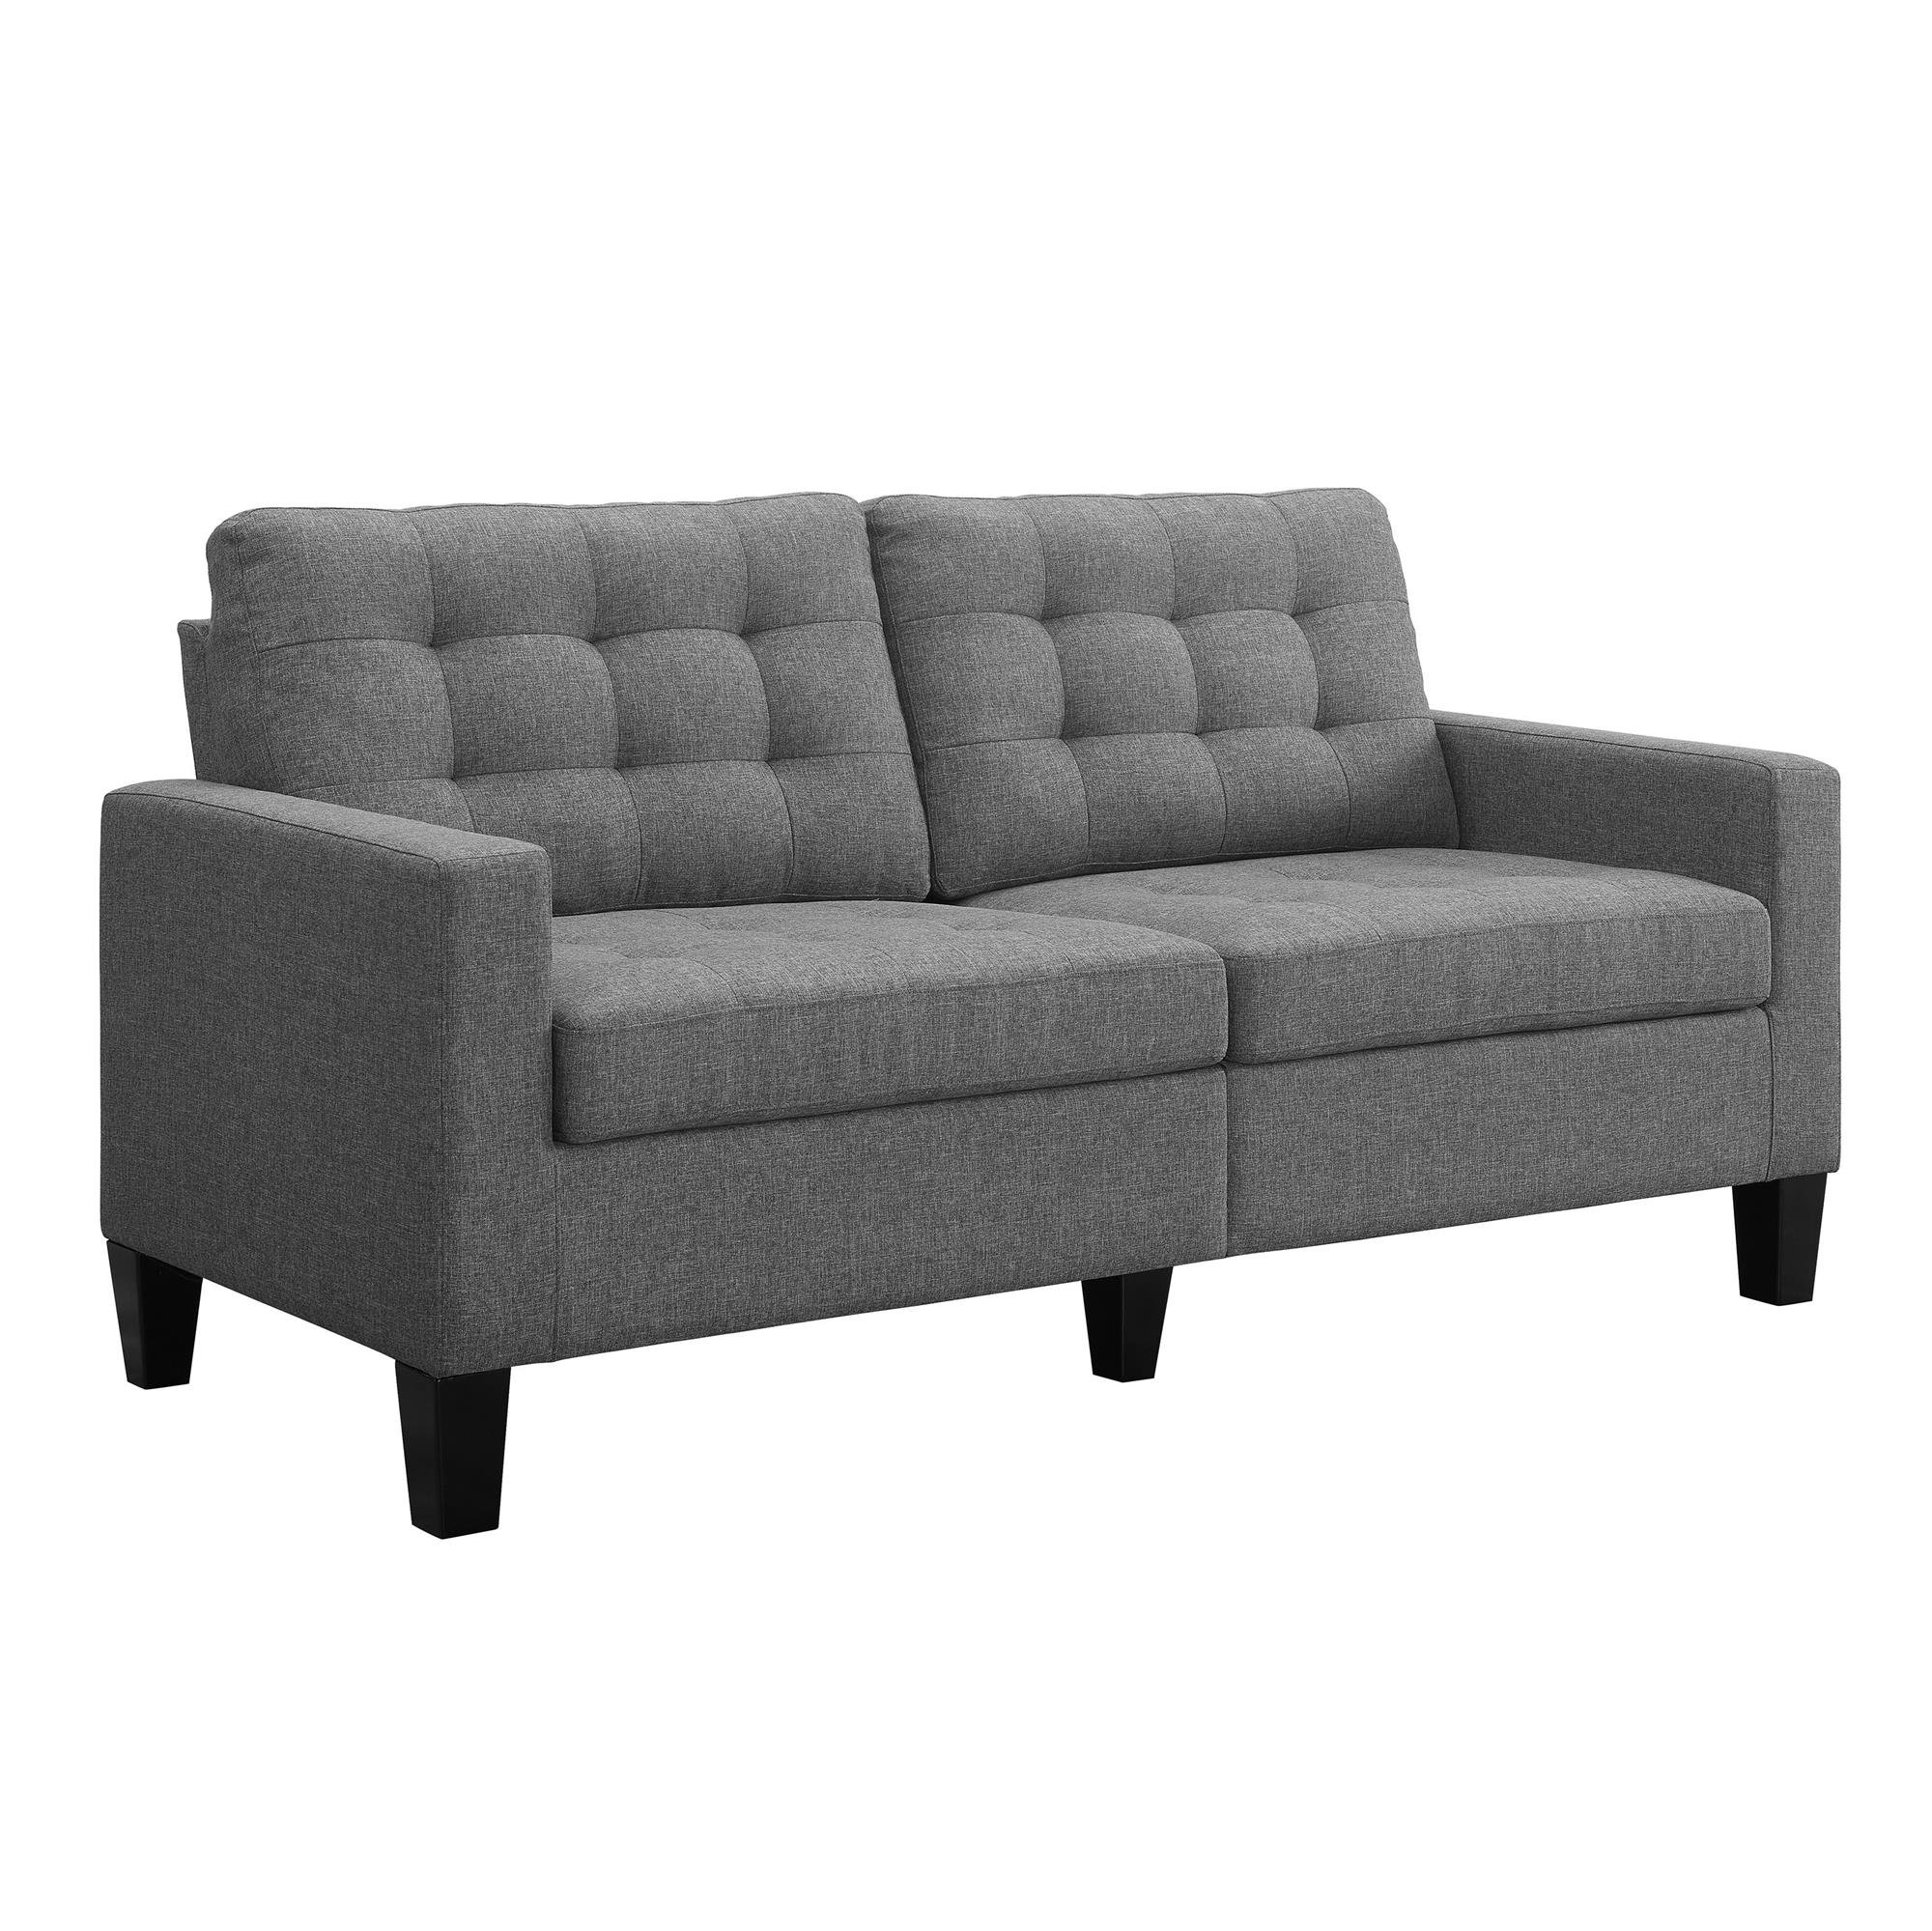 small sofas amazon com rh amazon com